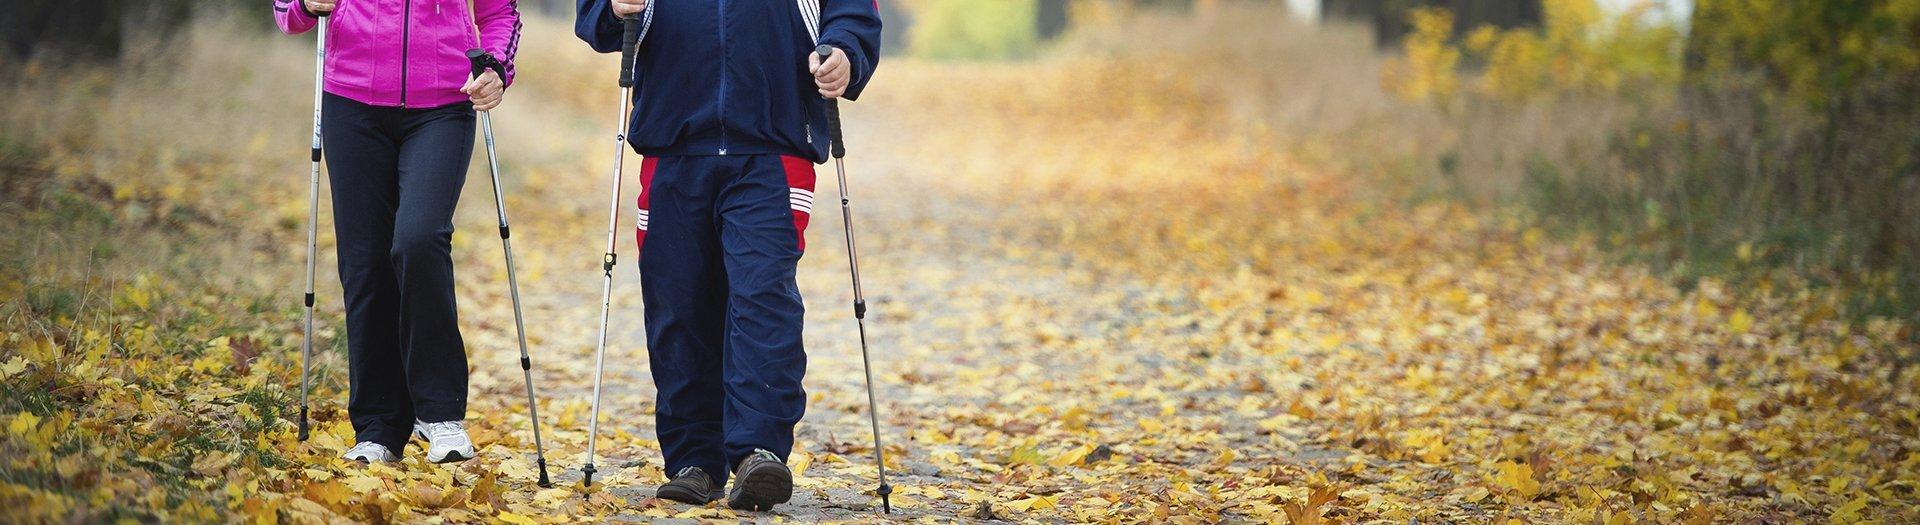 aktivt-seniorliv-og-hojskole-norgaards-hojskole-vandring